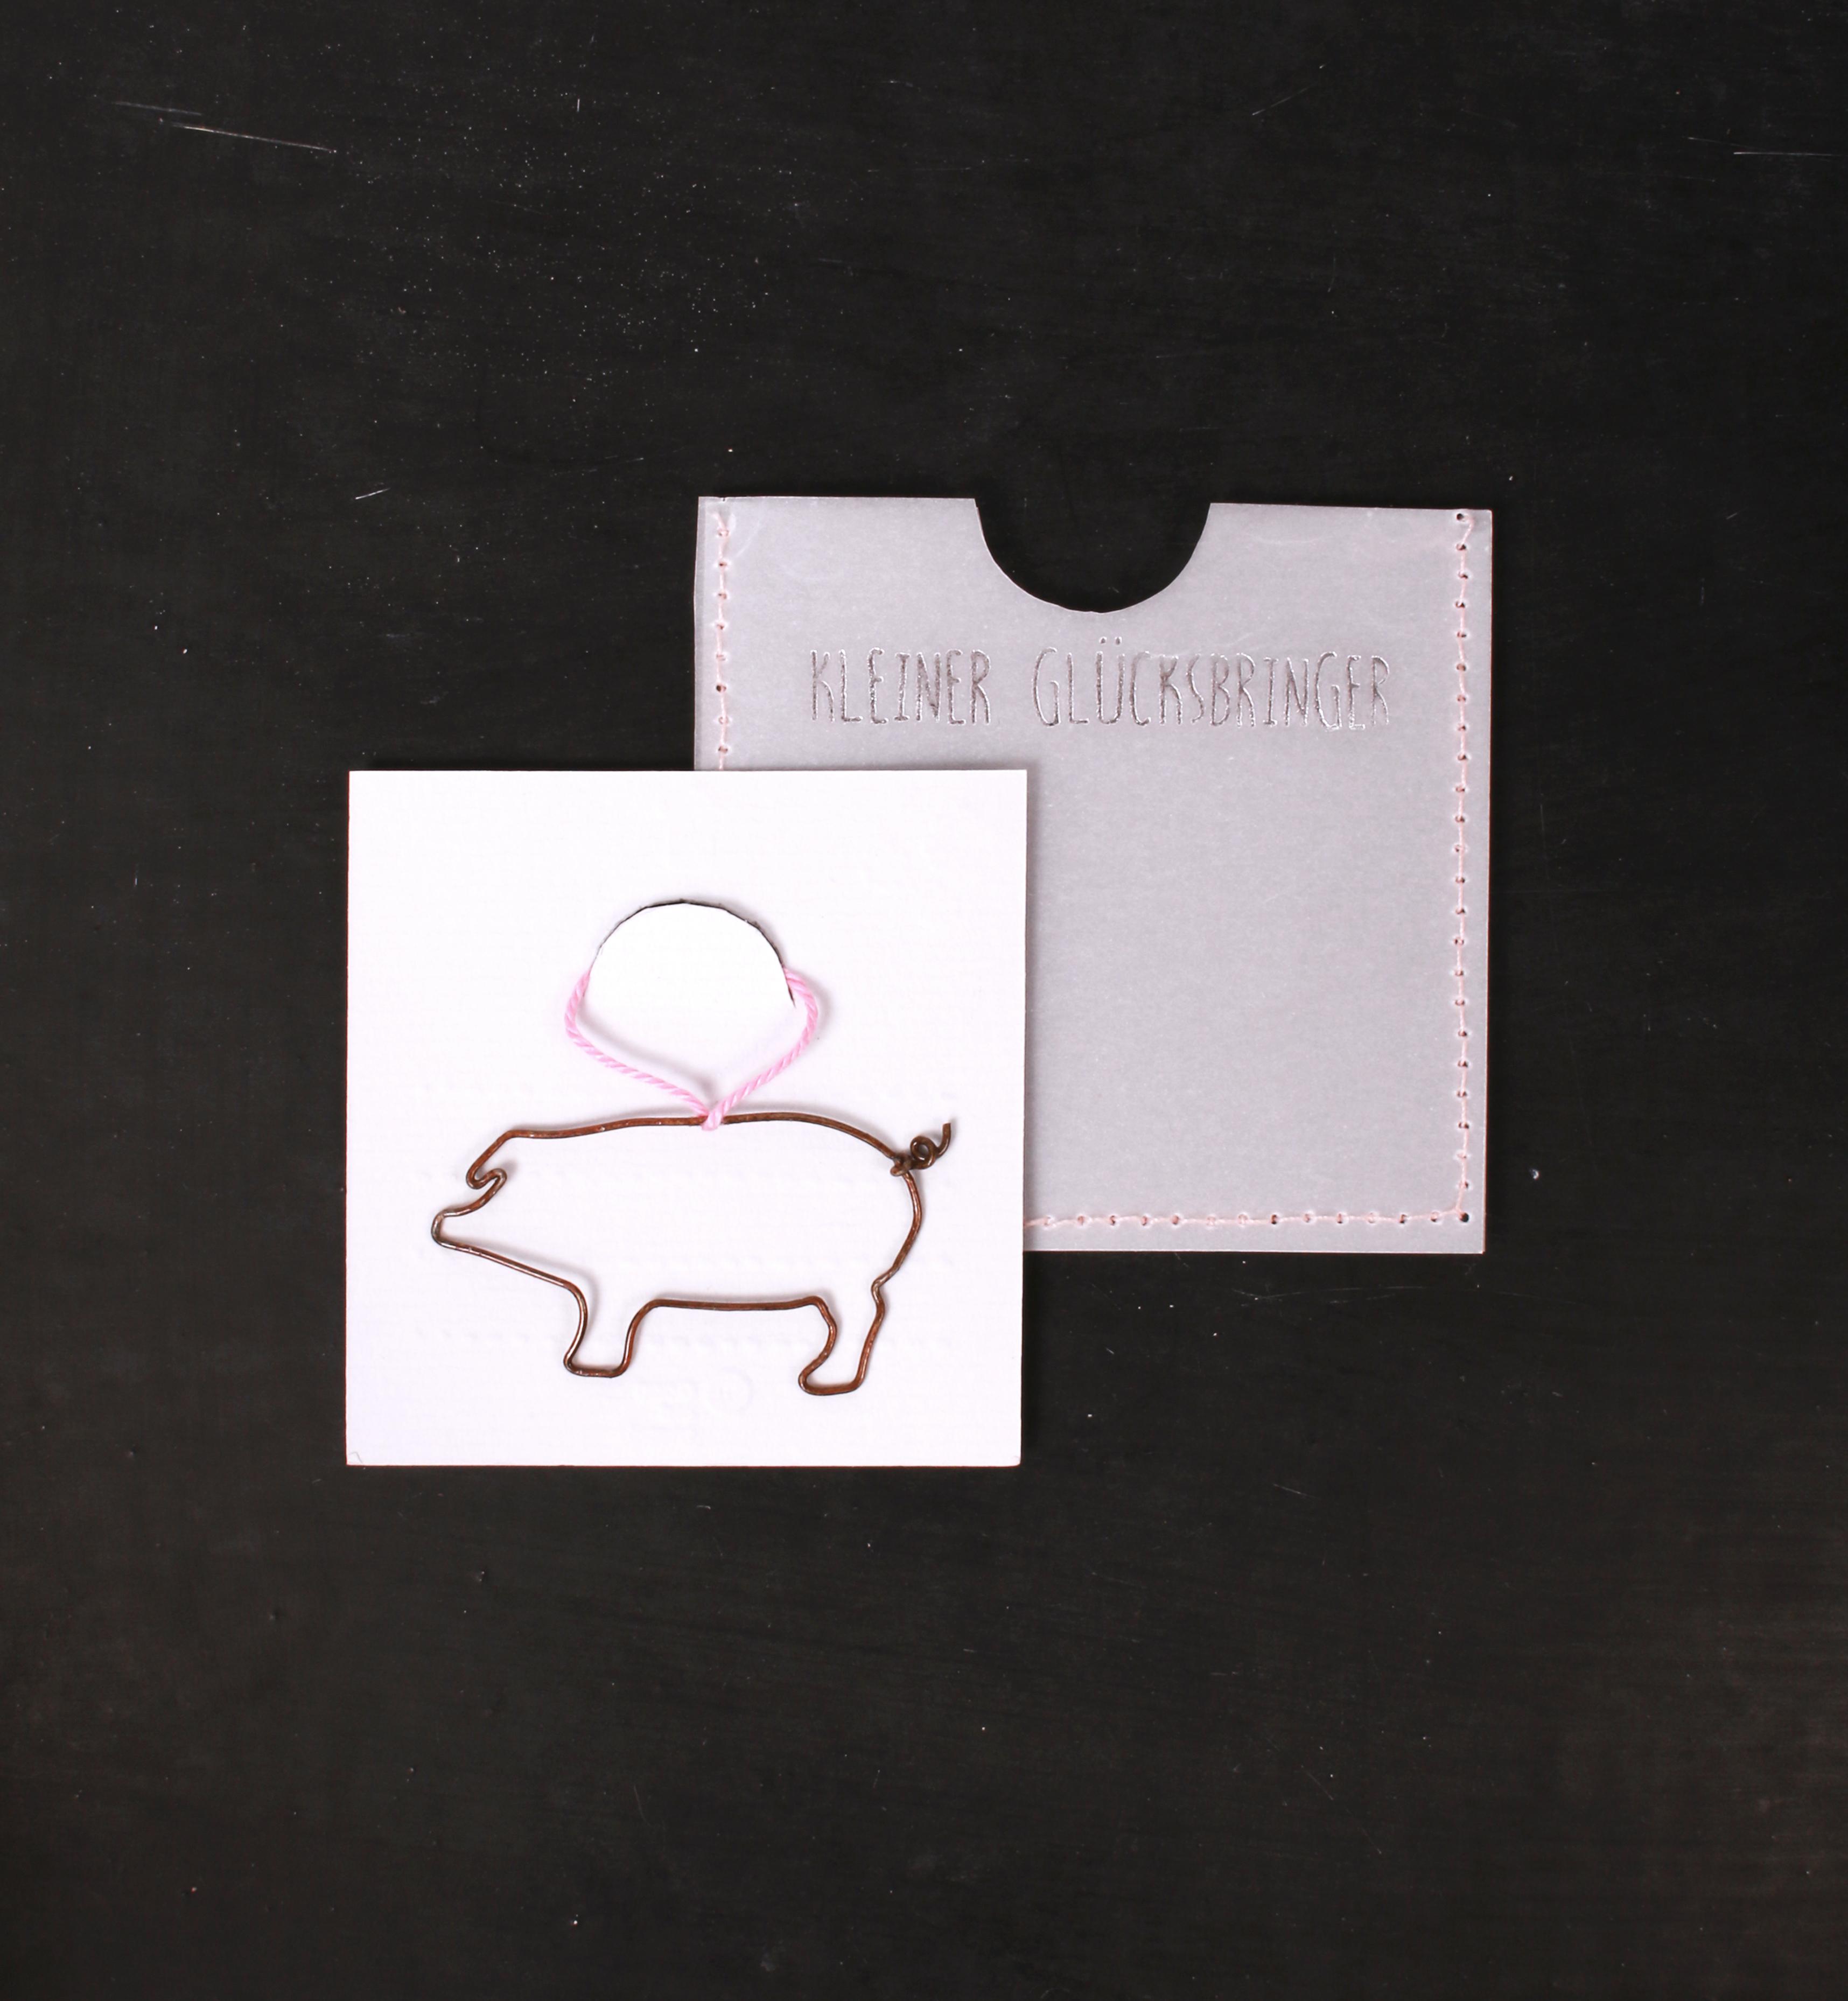 Kleiner Glücksbringer - Glücksschweinchen - Good old friends